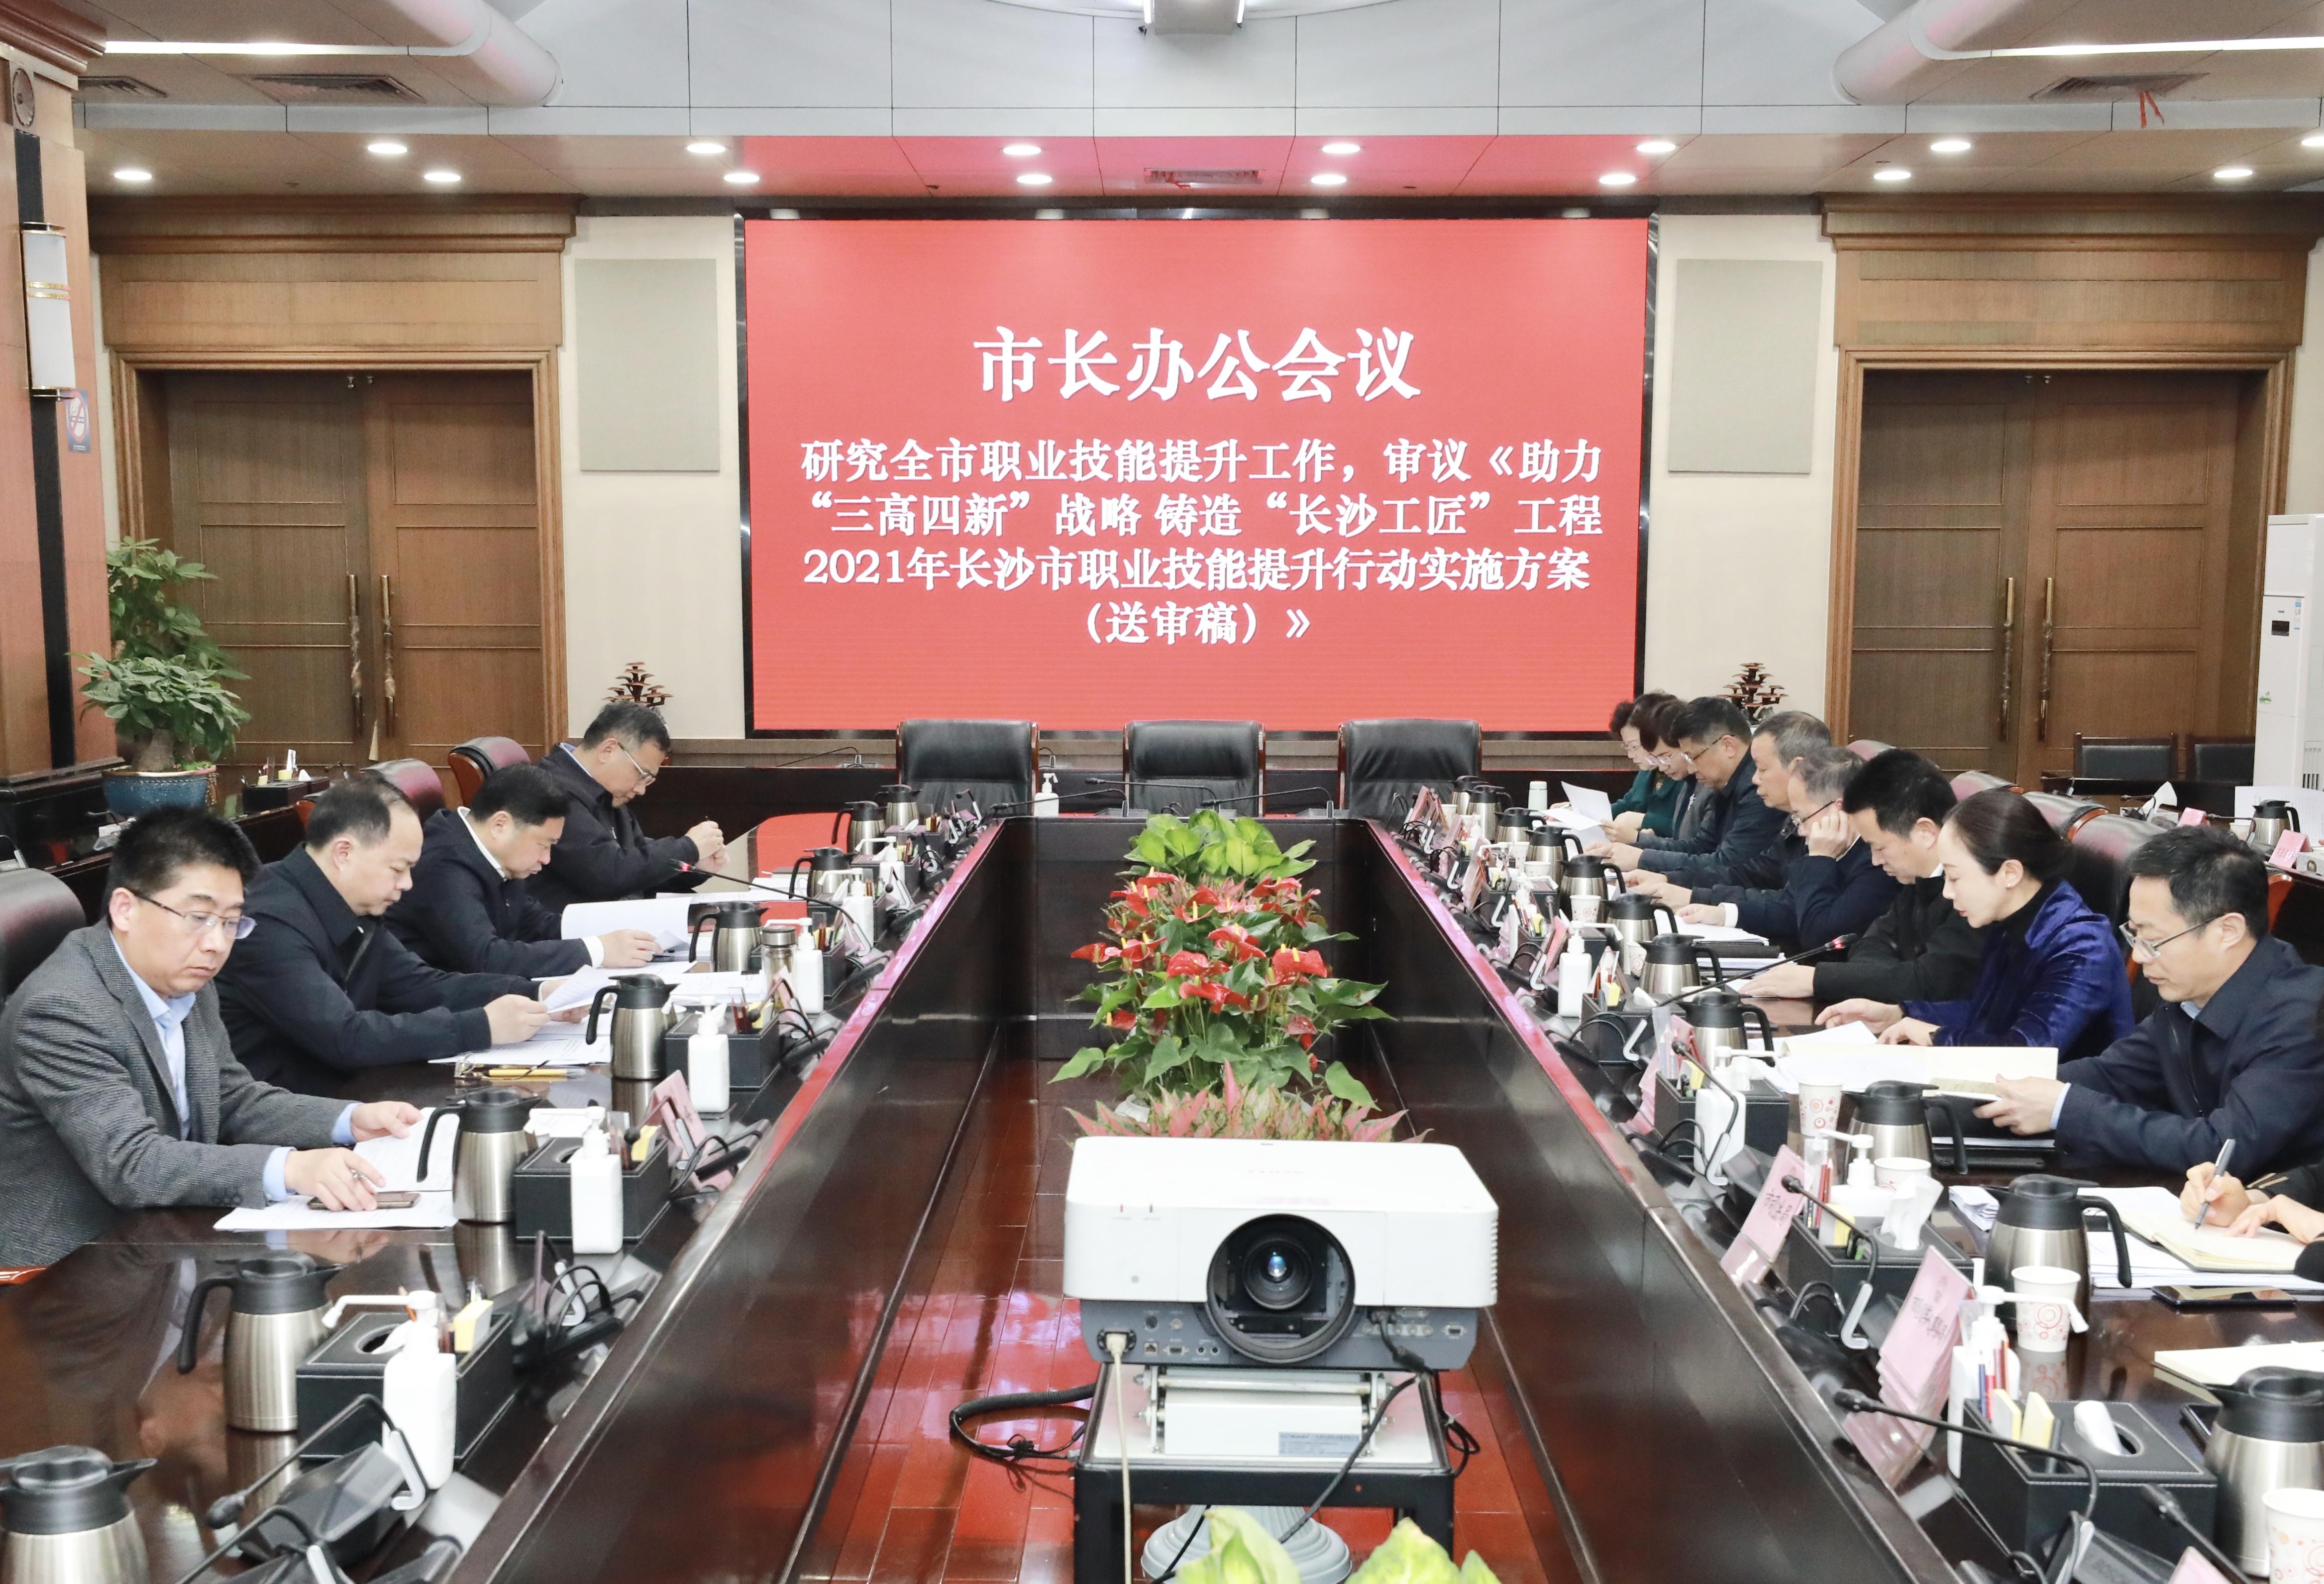 郑建新出席市长办公会,研究全市职业技能提升等工作。刘书勤 摄